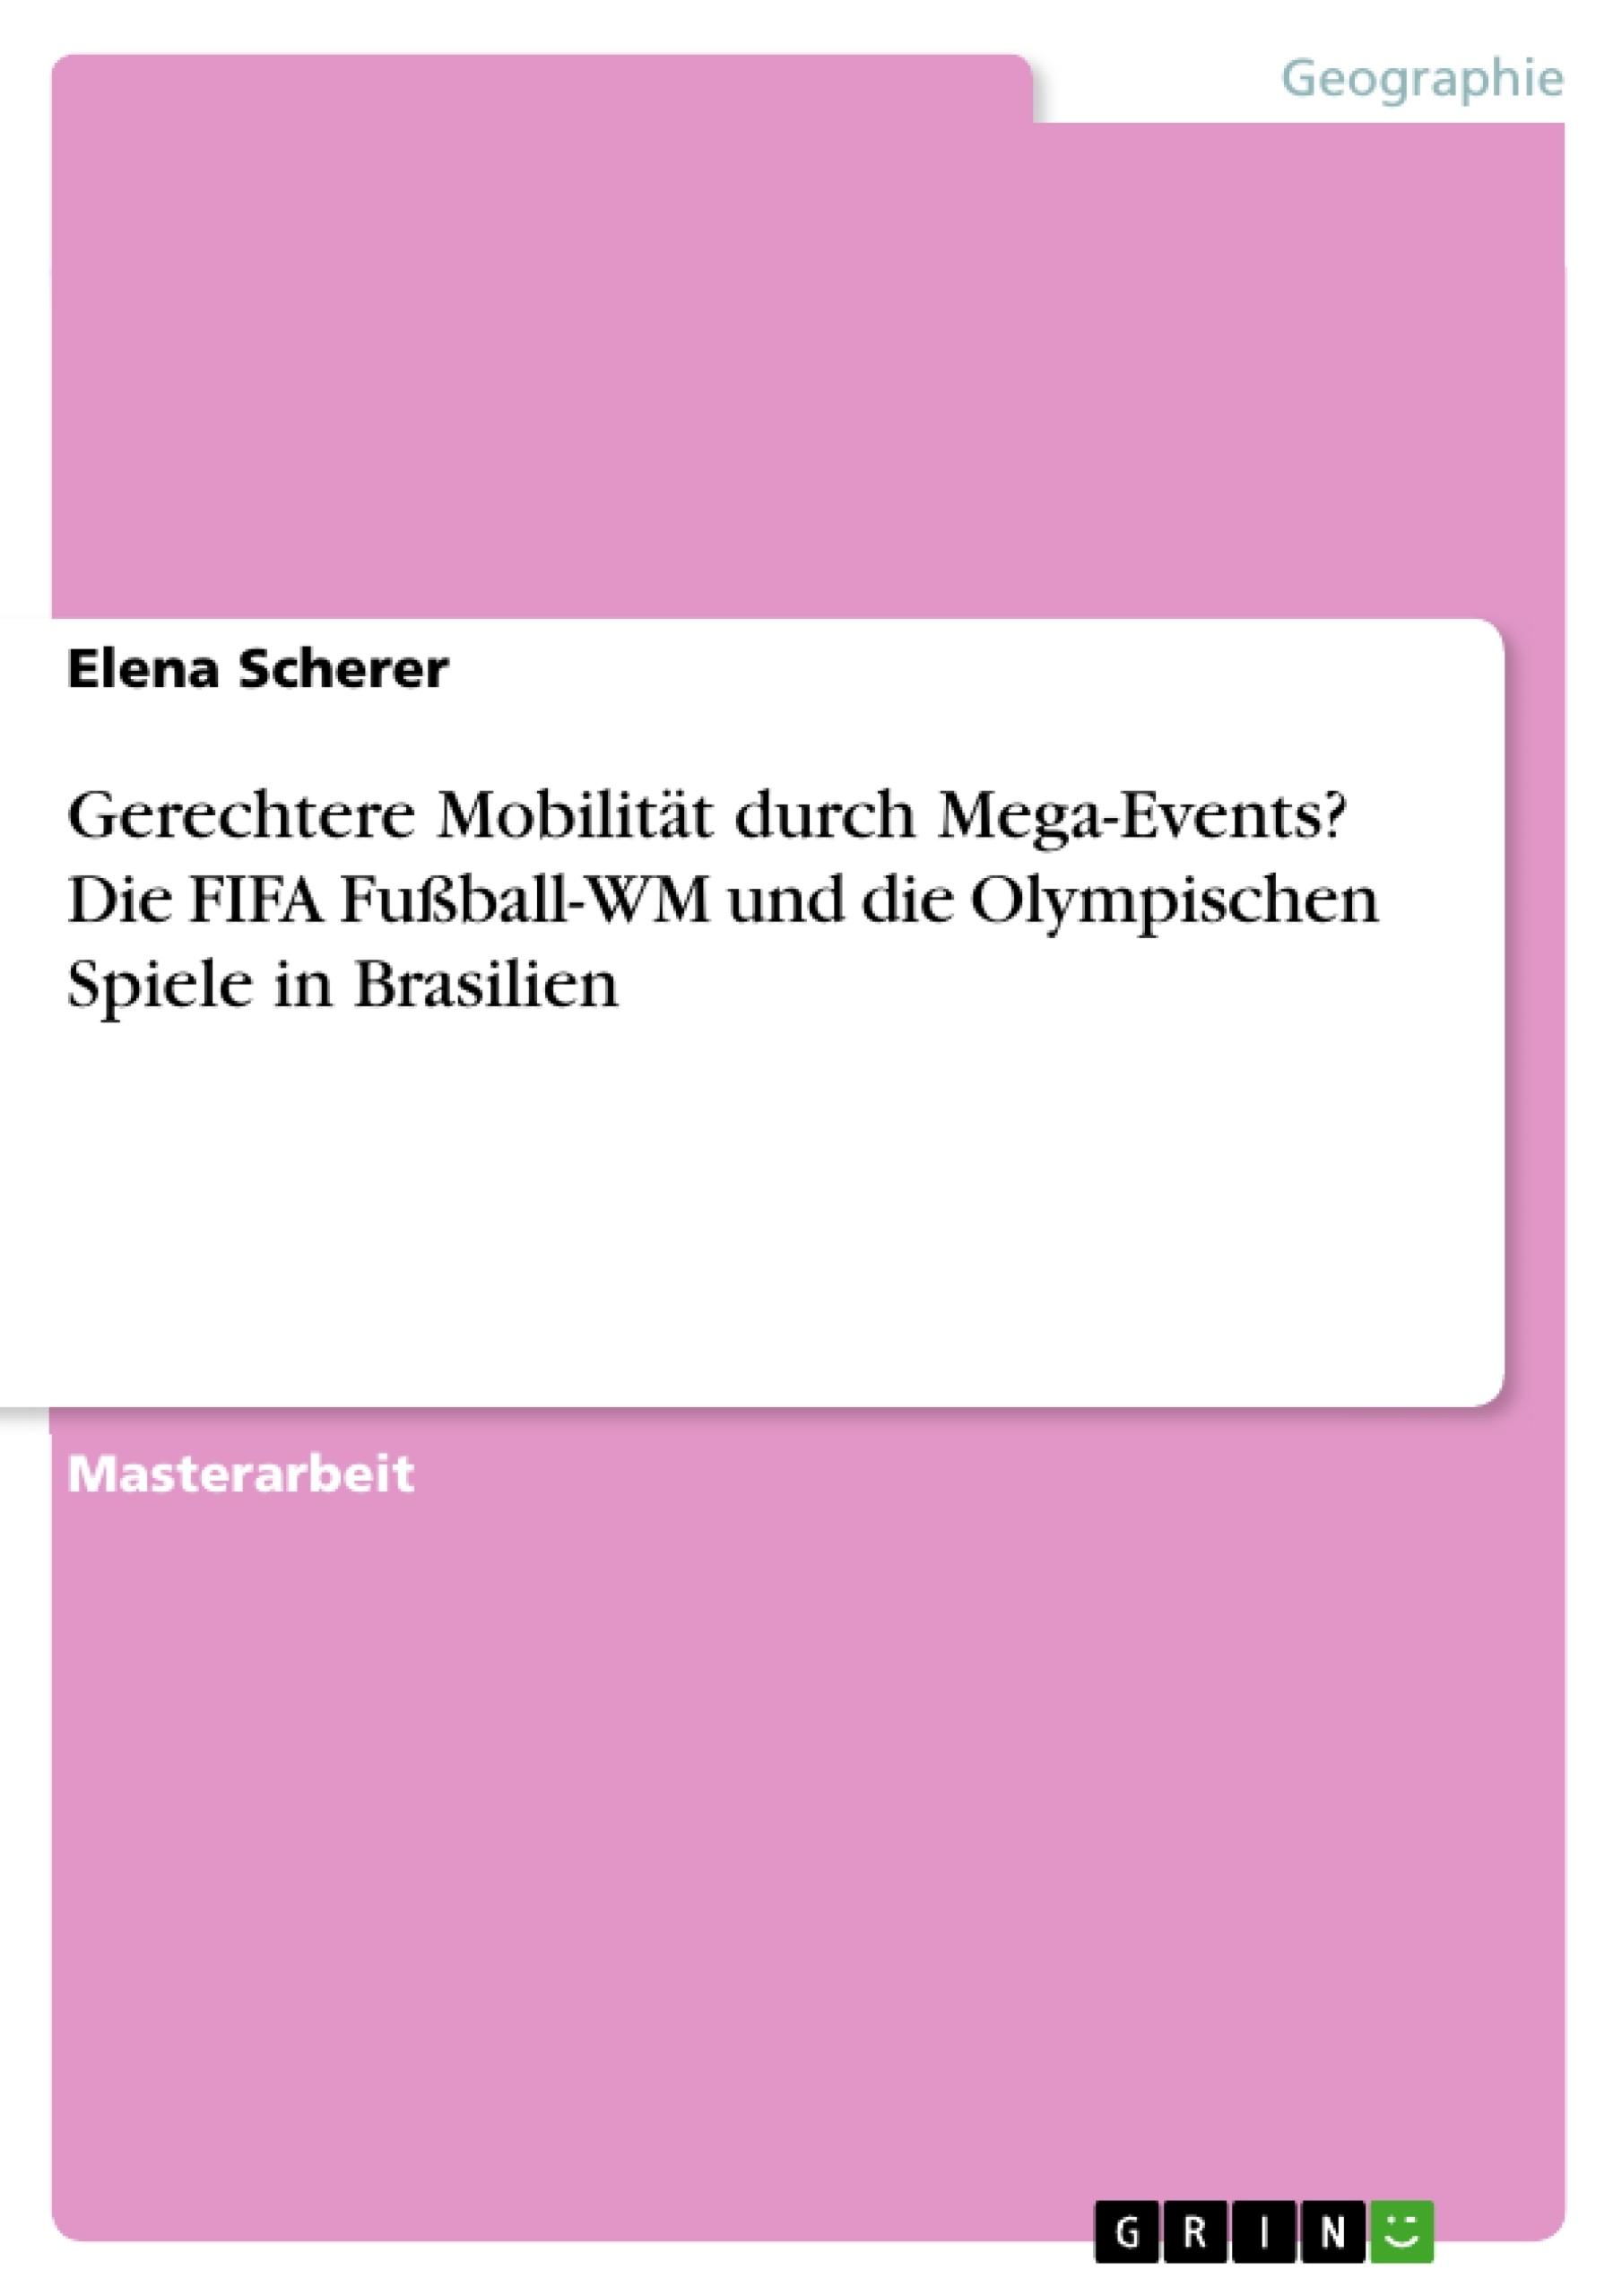 Titel: Gerechtere Mobilität durch Mega-Events? Die FIFA Fußball-WM und die Olympischen Spiele in Brasilien